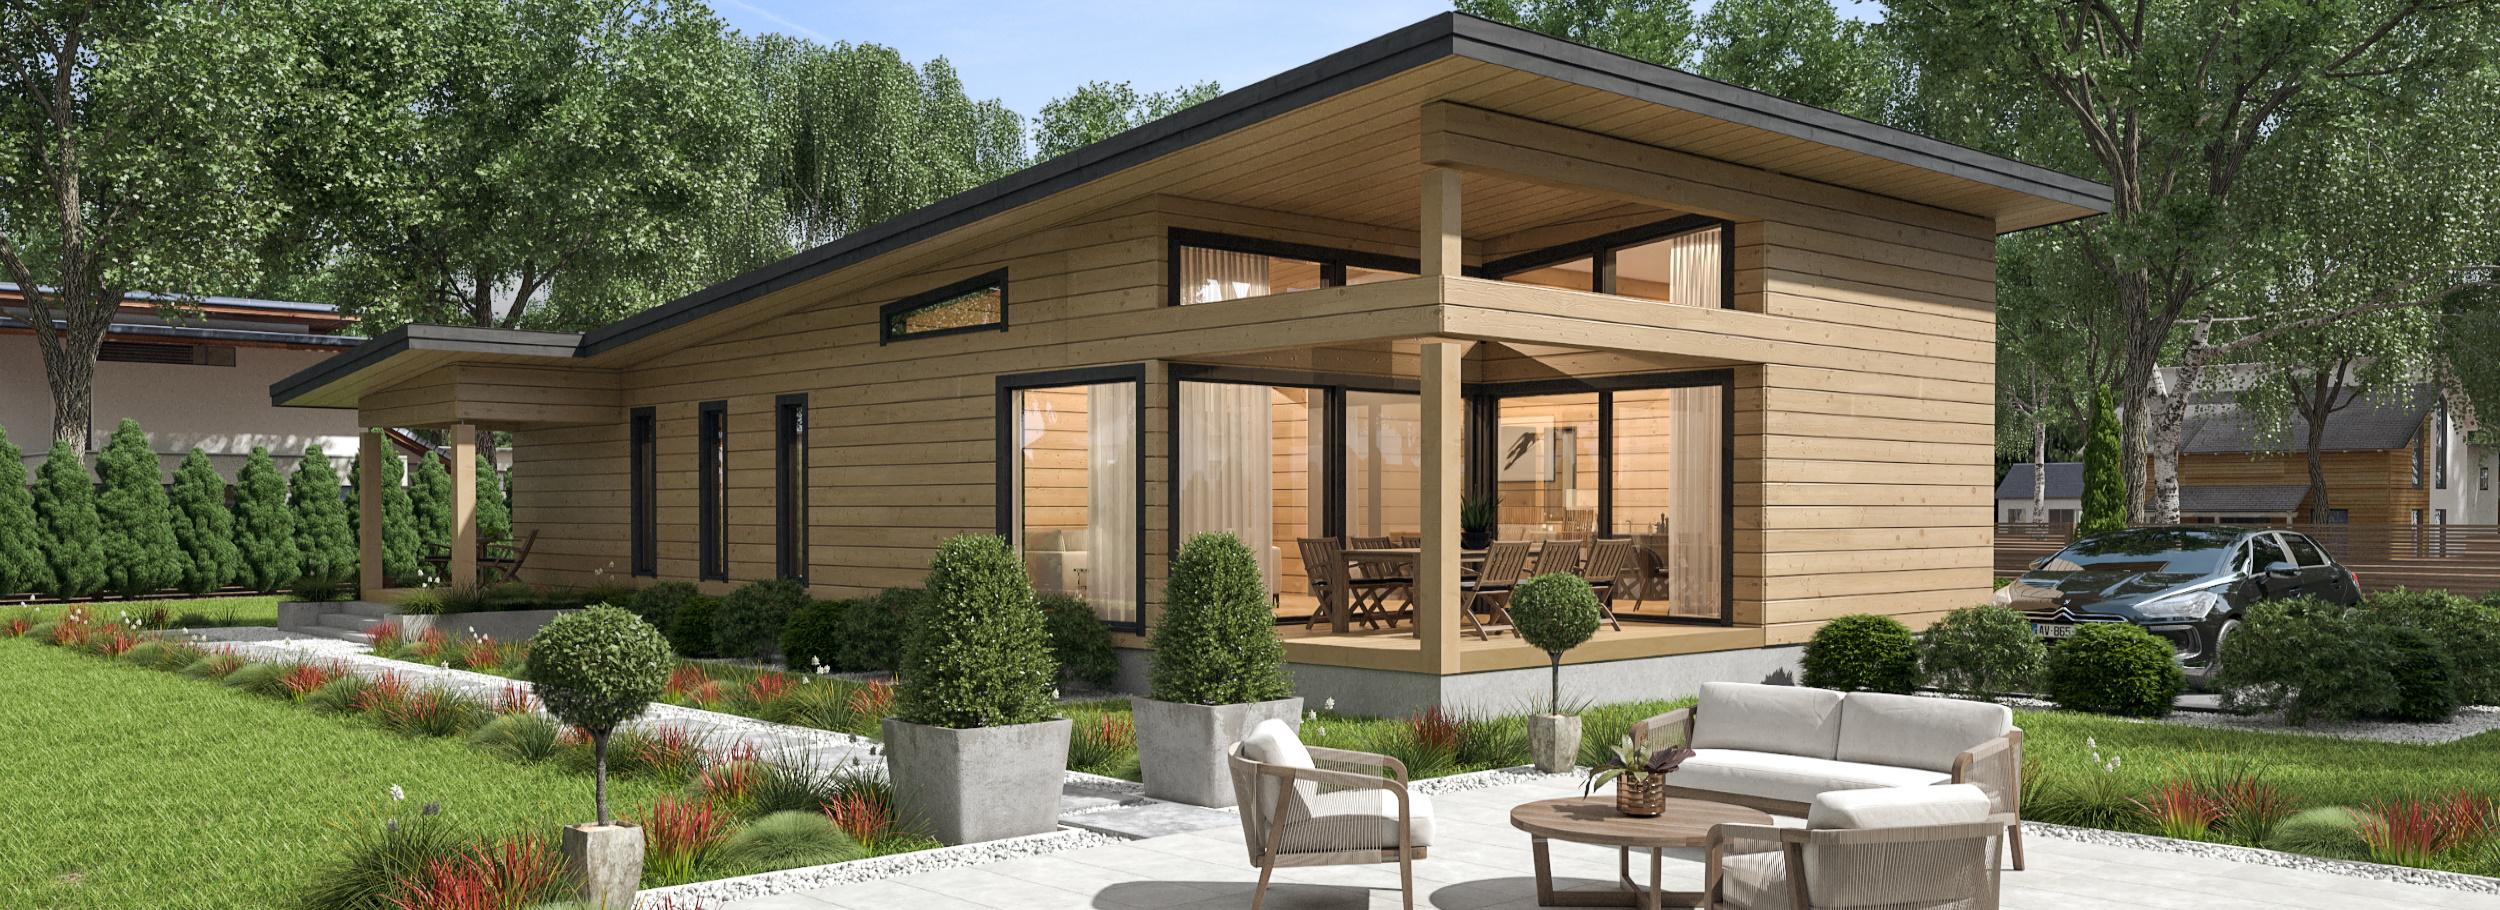 Chalet Et Maison Bois Style Contemporain Franche Comte Territoire De Belfort Doubs Jura Haute Saone Slider Sensation Bois